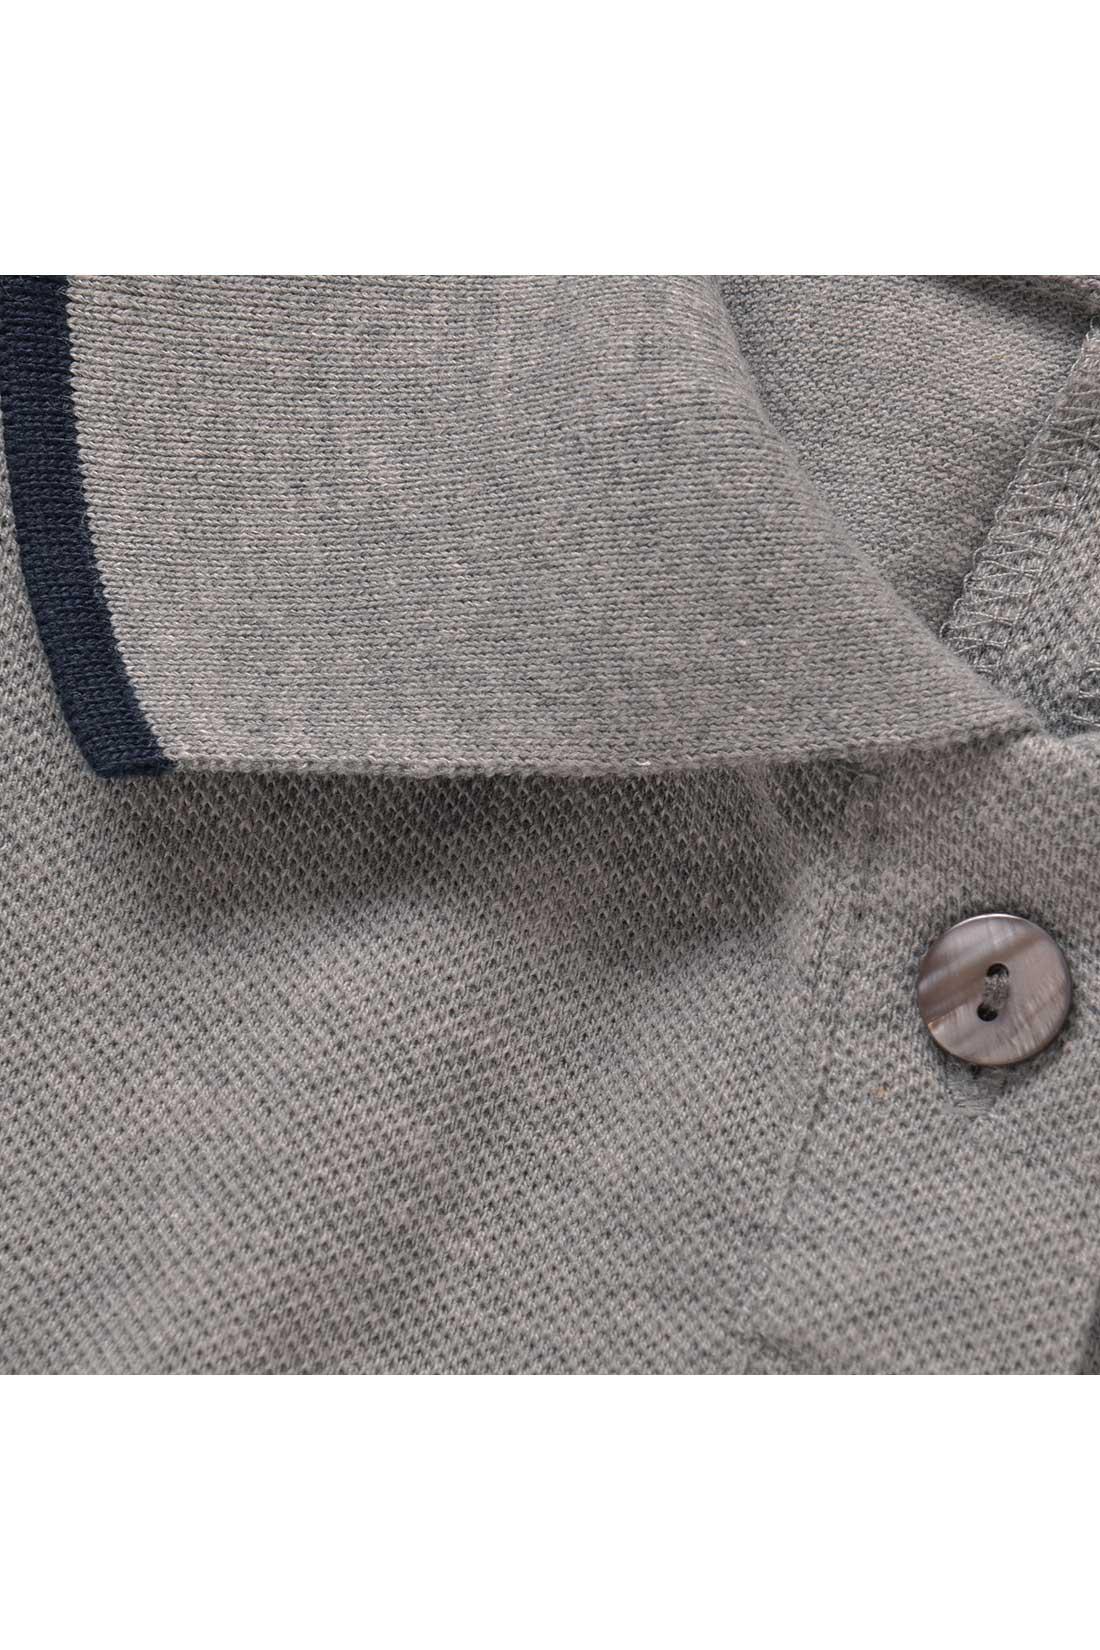 身ごろと同色で編み立てたニット衿で、立ち衿姿もキリッと美しく。貝調ボタンもさわやか。